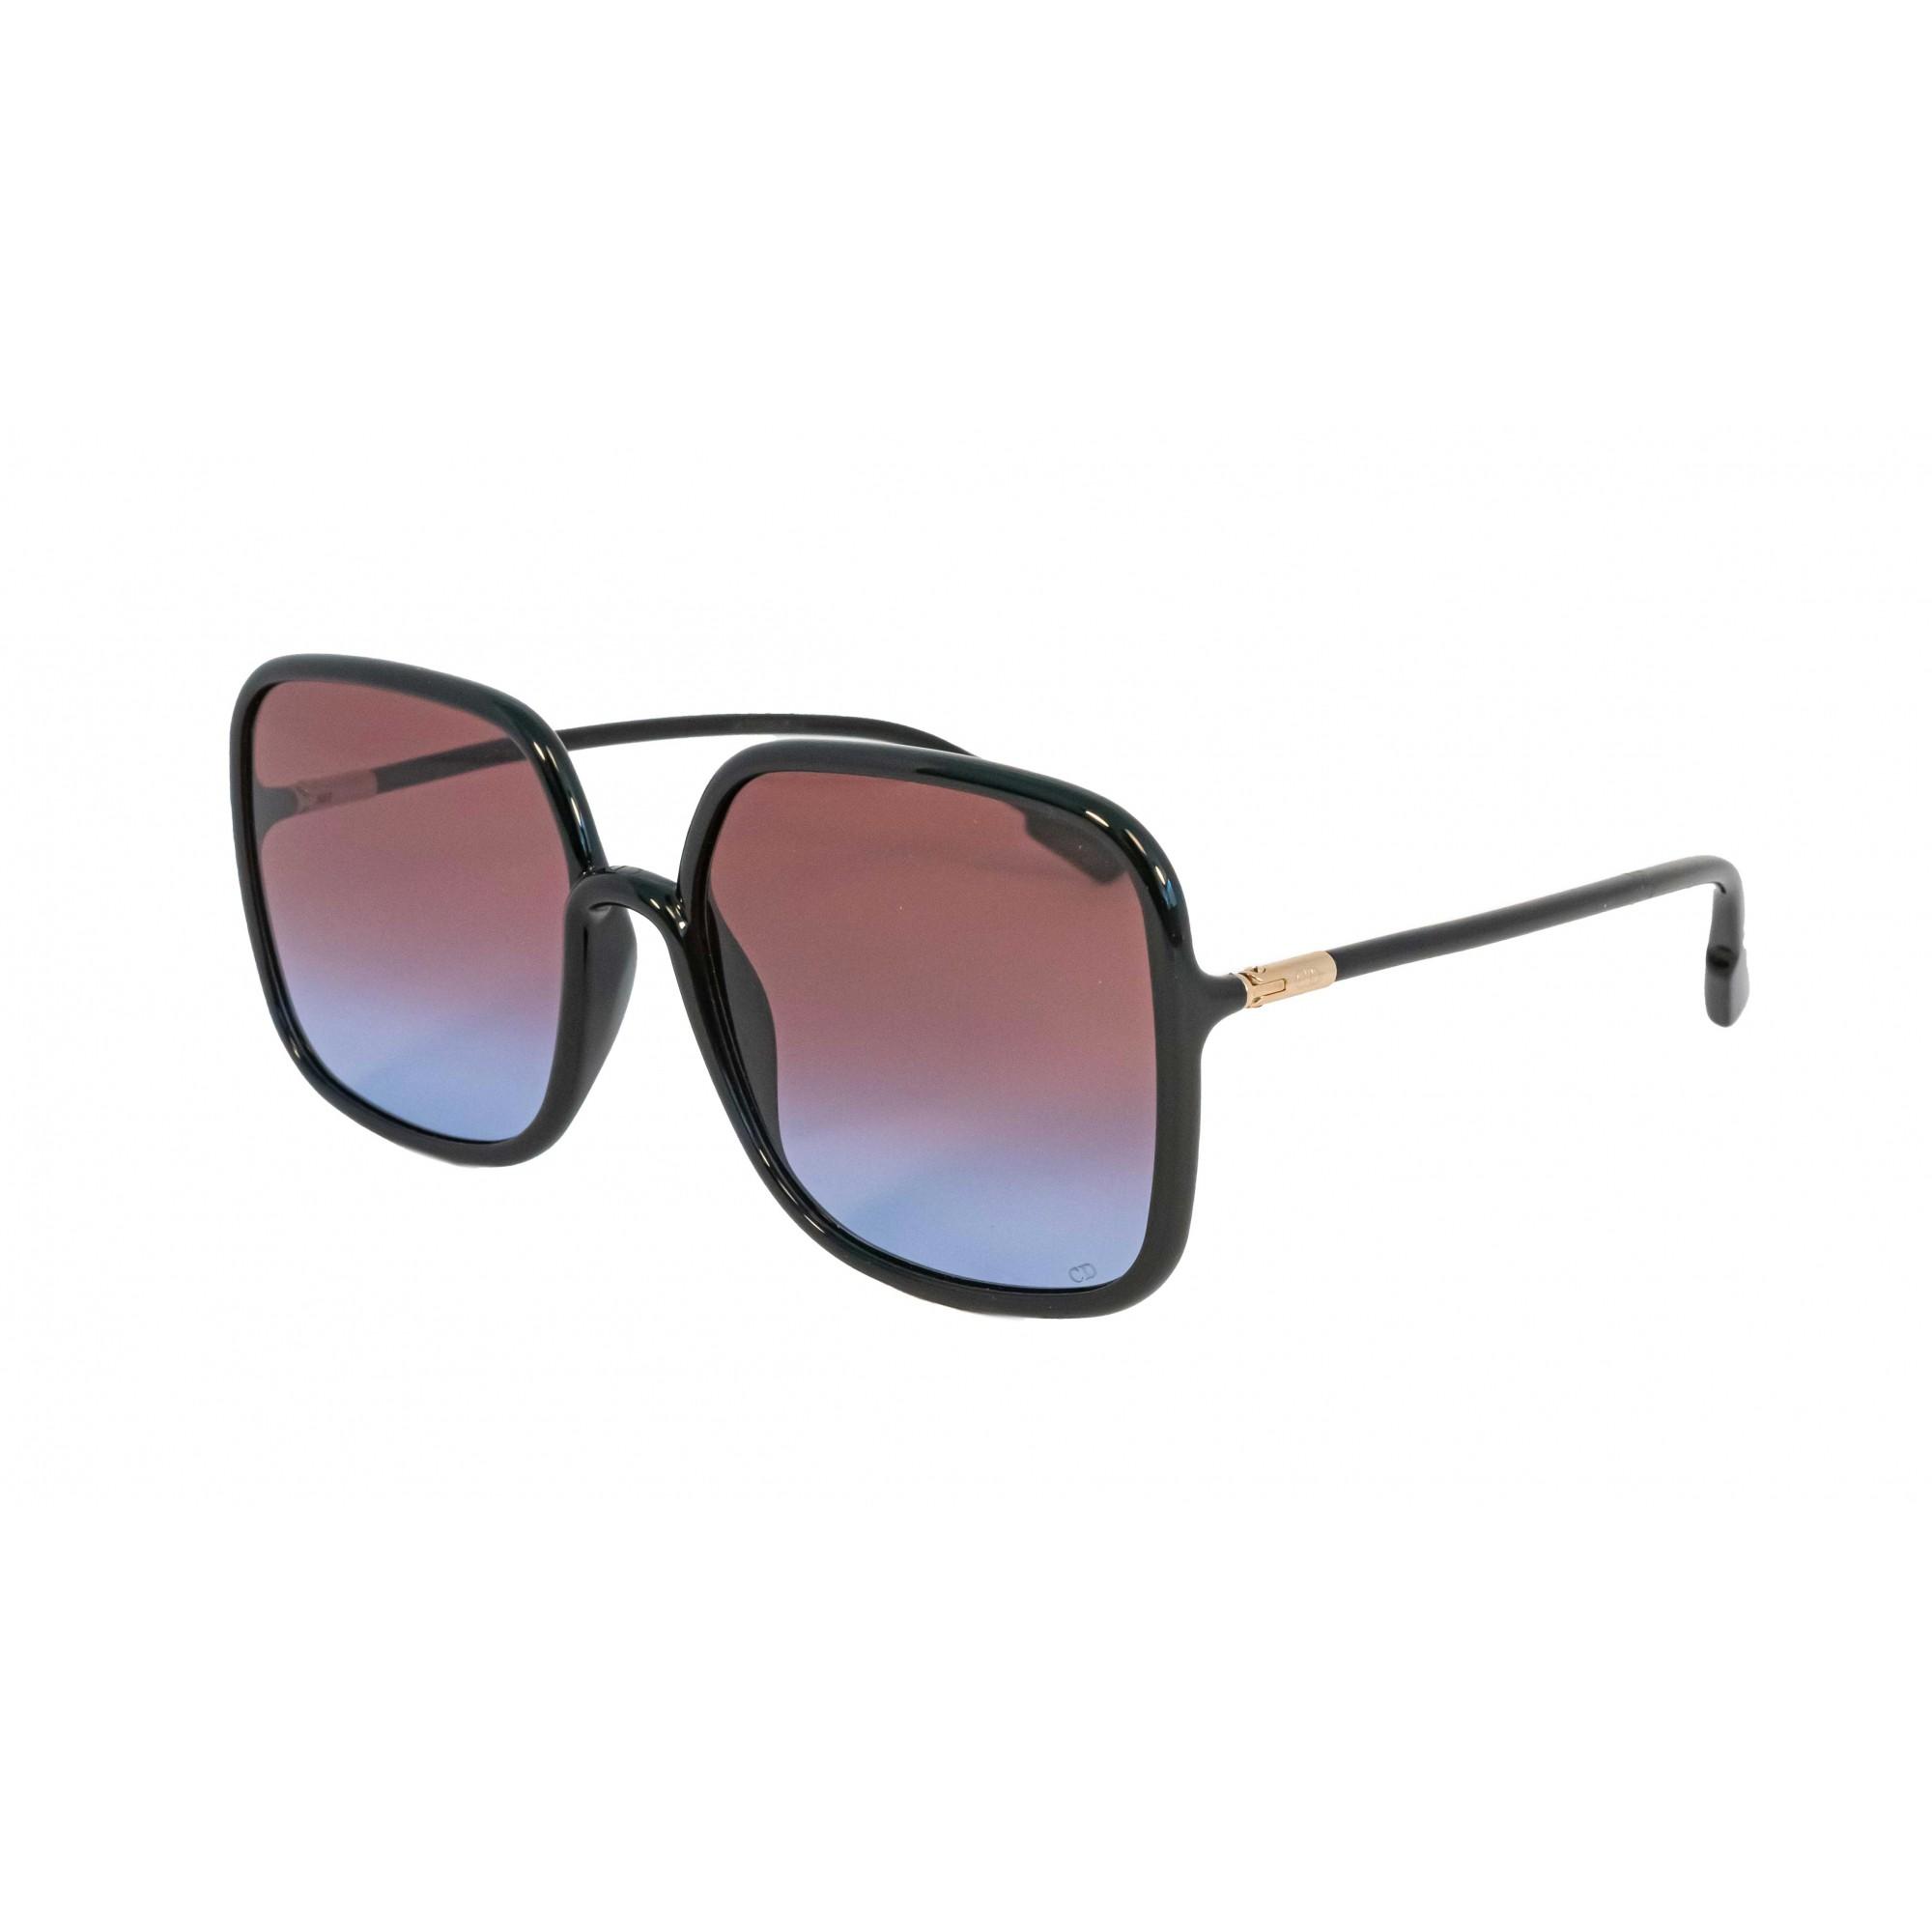 Óculos Dior Sostellaire1 807yb 59 Preto